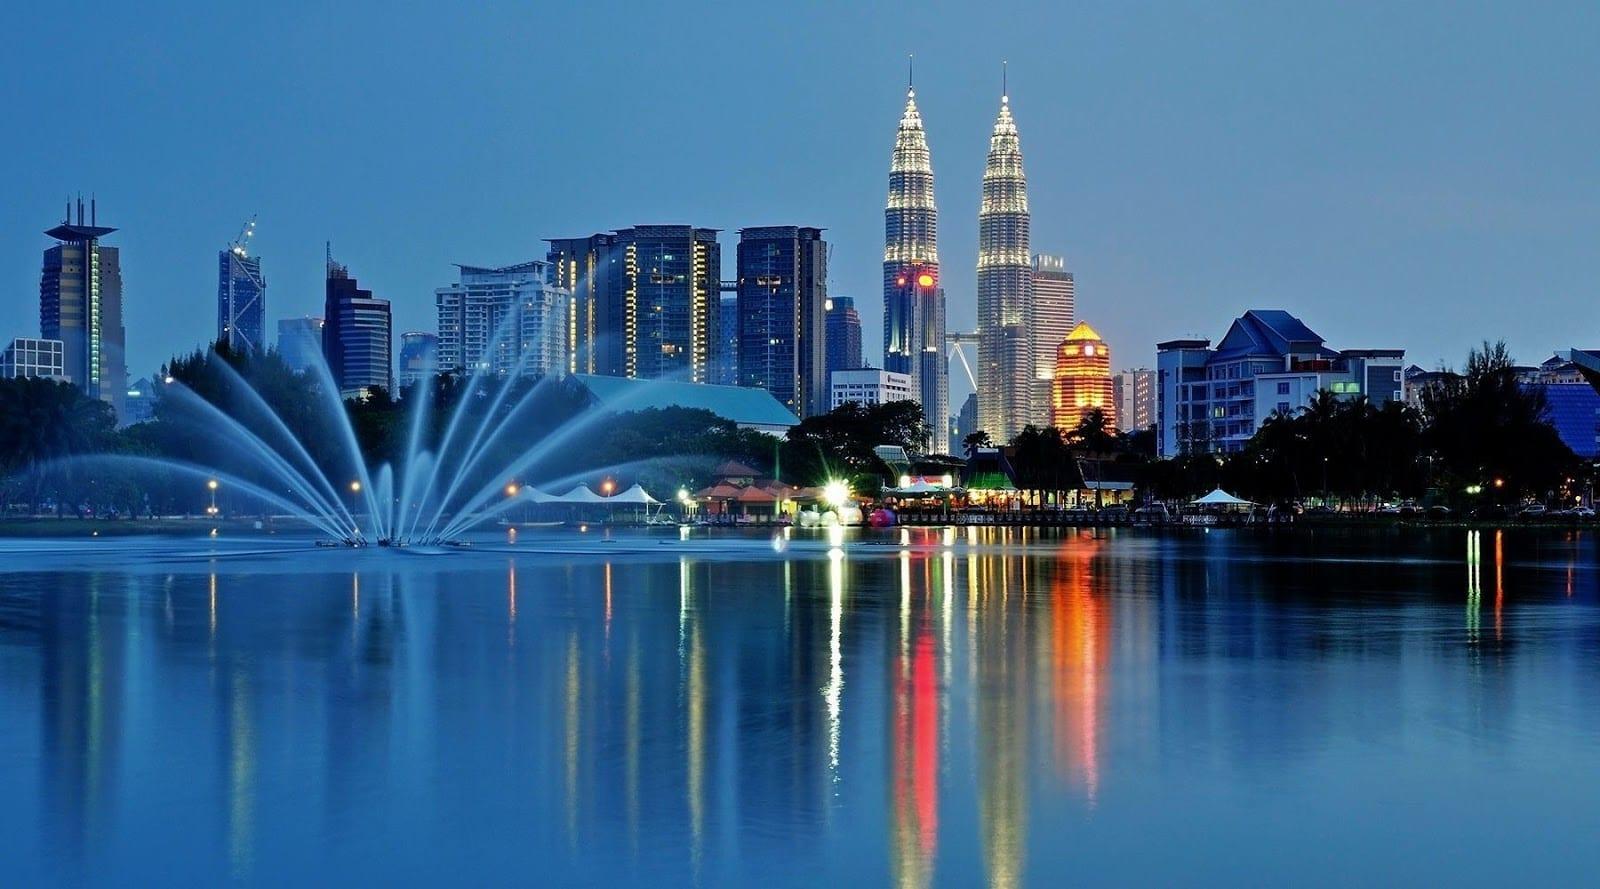 so sánh kinh tế việt nam và malaysia, gdp của malaysia 2020, gdp malaysia năm 2020, malaysia kinh tế, báo malaysia nói về kinh tế việt nam, so sánh malaysia và việt nam, so sánh việt nam và malaysia, gdp của malaysia, gdp malaysia 2019